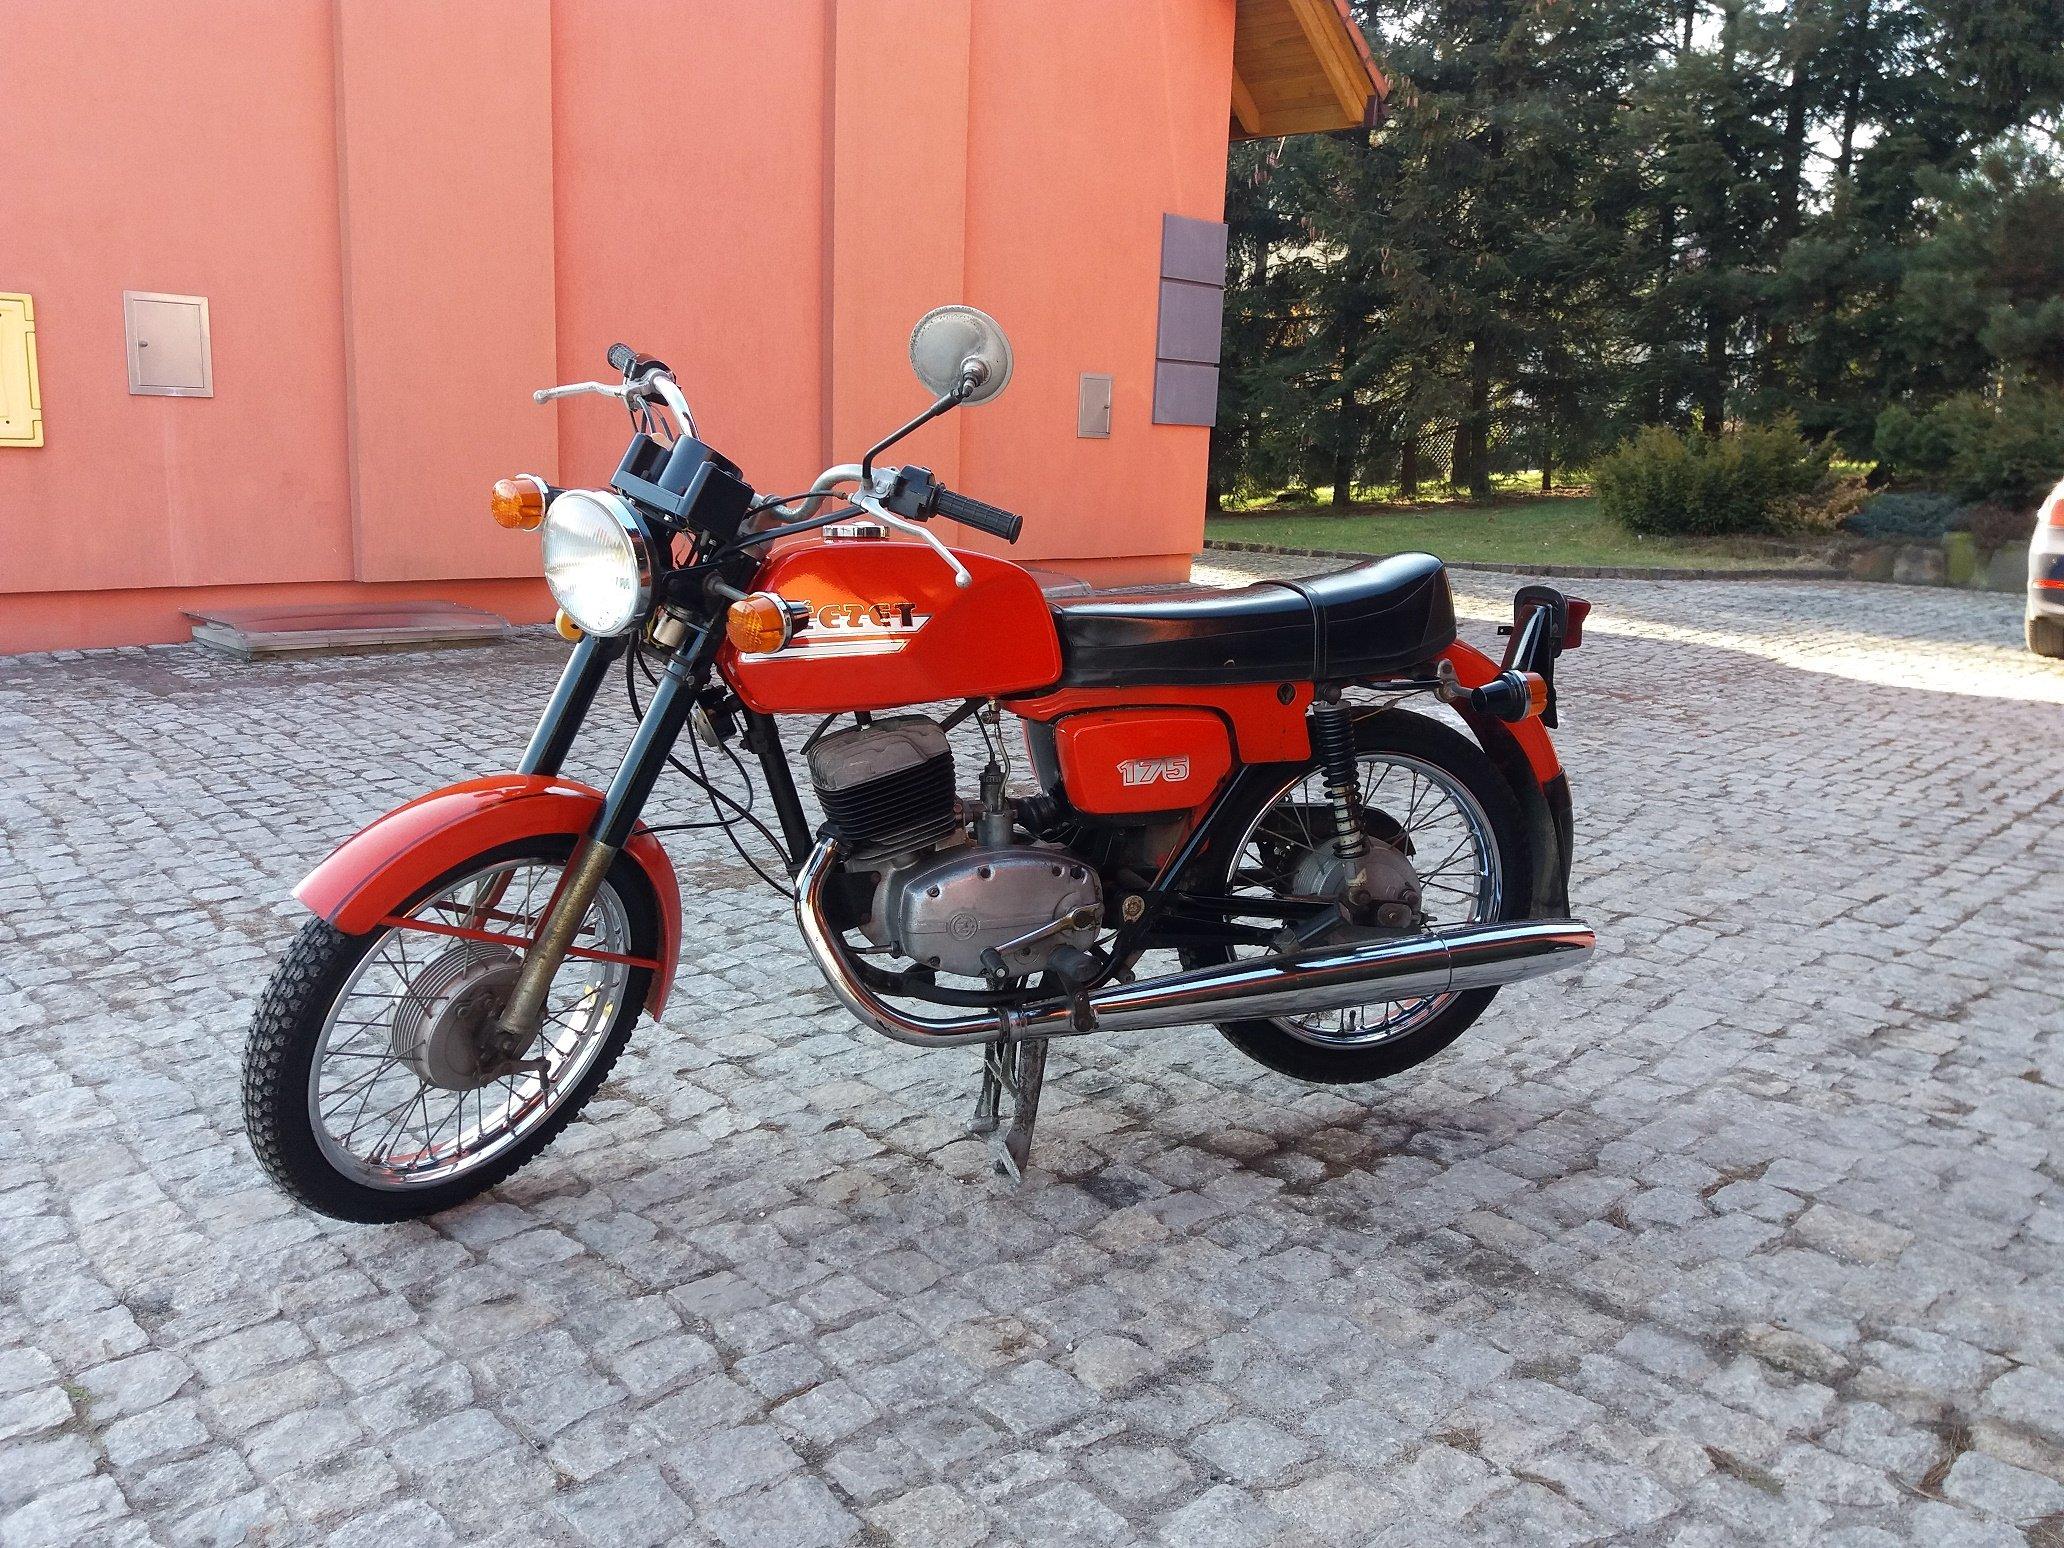 Betere Witam Sprzedam Motor CZ 175 z roku 1987 - 7172302193 - oficjalne BY-78